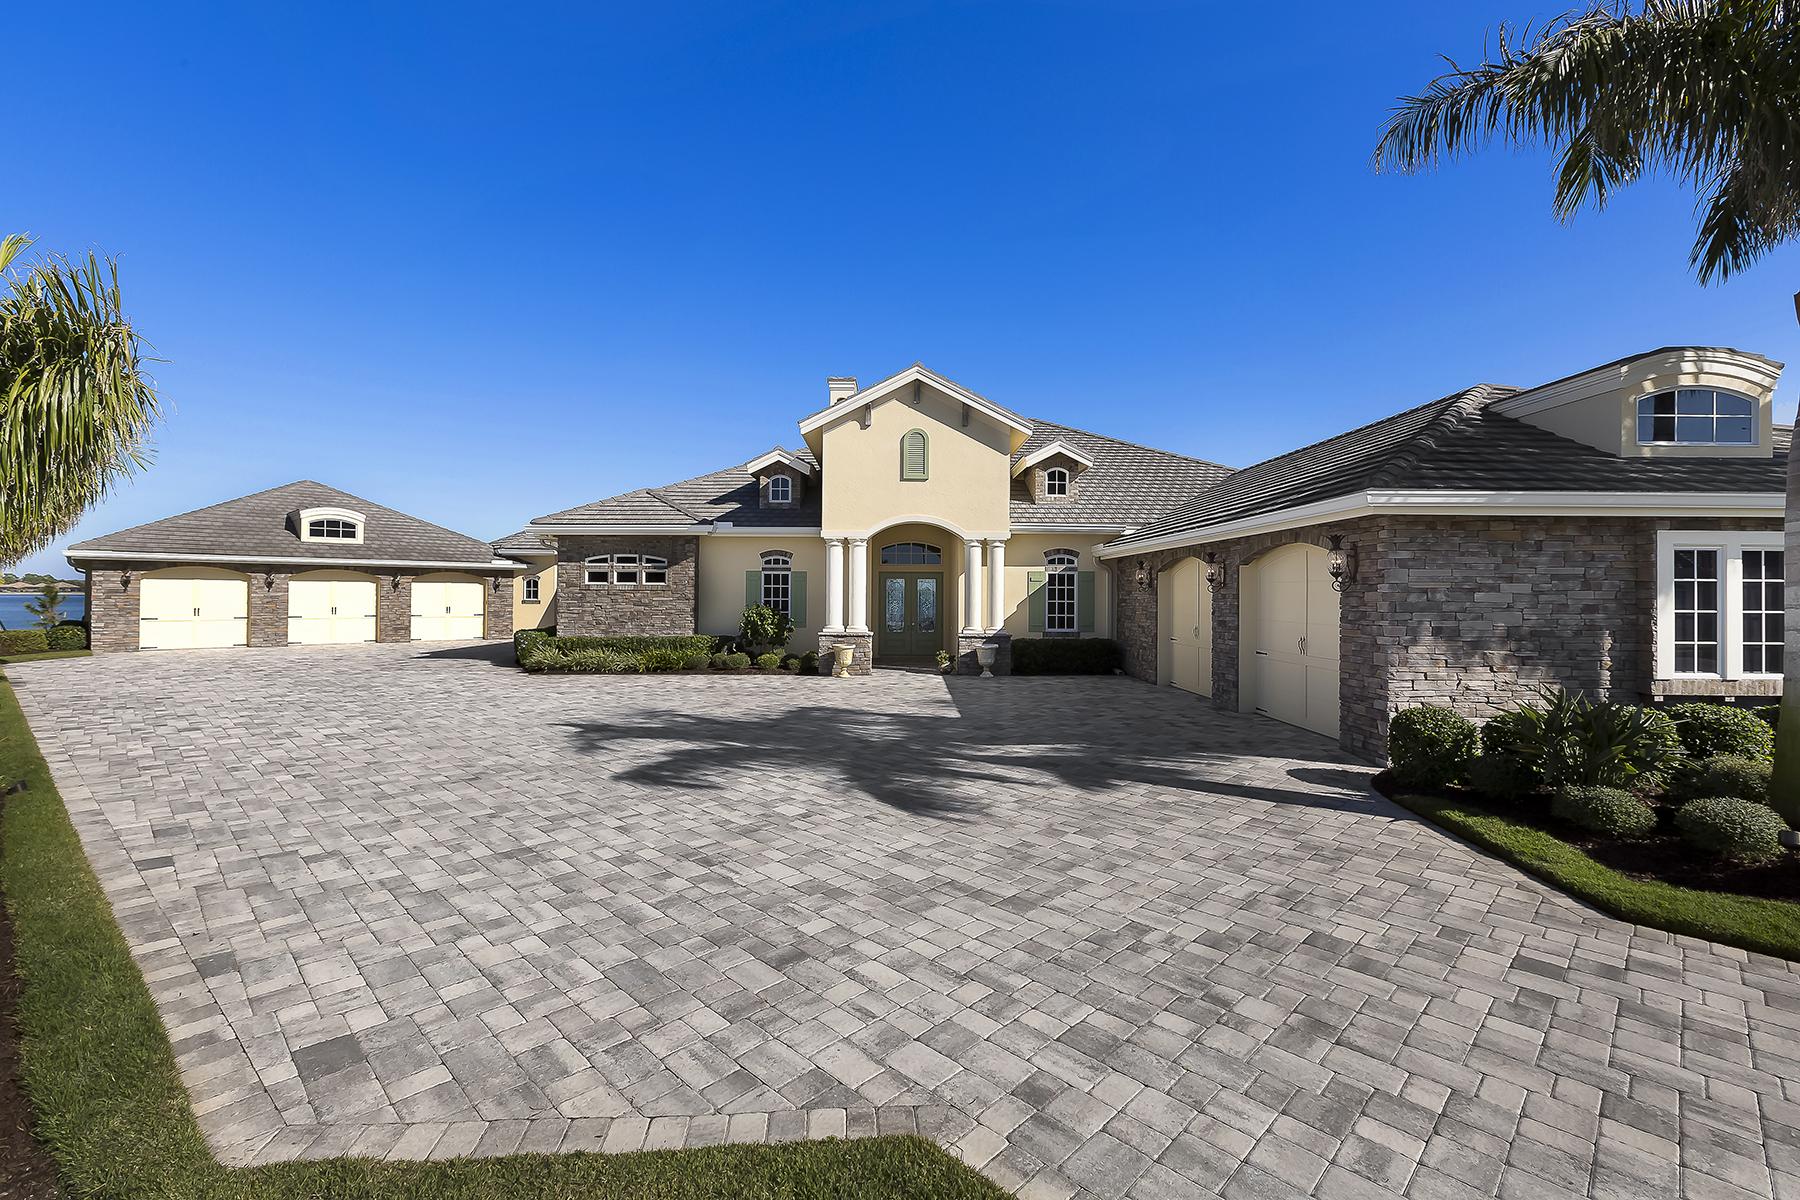 단독 가정 주택 용 매매 에 THE QUARRY - QUARRY SHORES 9337 Granite Ct Naples, 플로리다 34120 미국